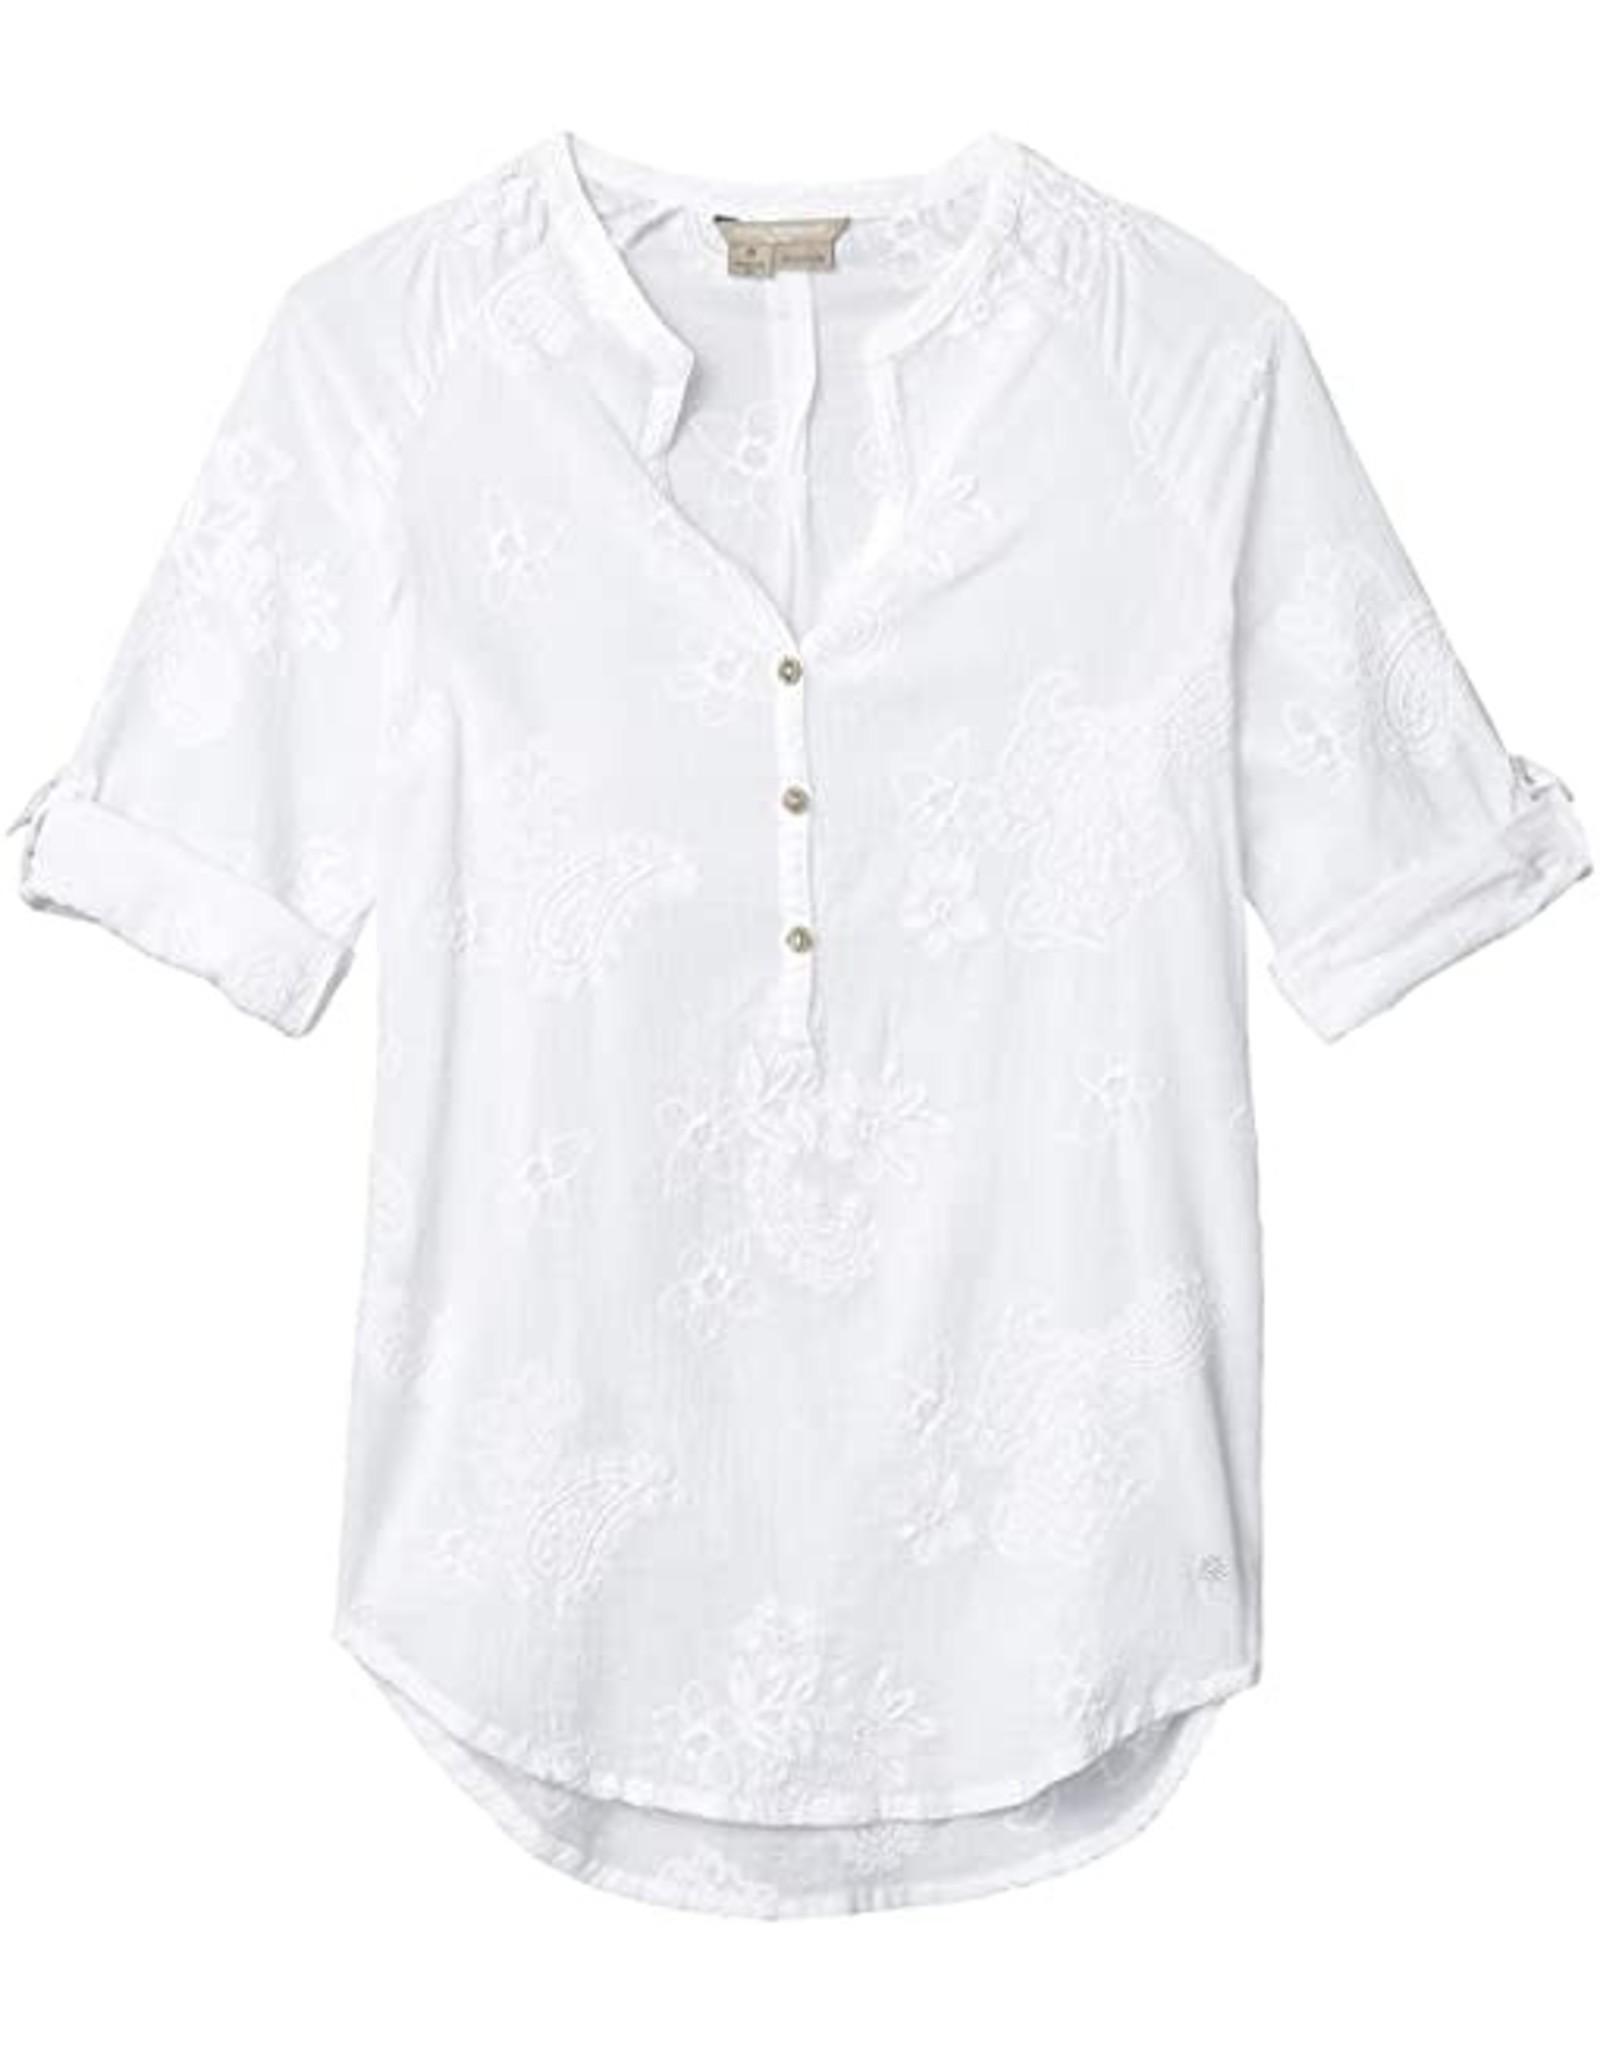 Royal Robbins Oasis Tunic II 3/4 Sleeve